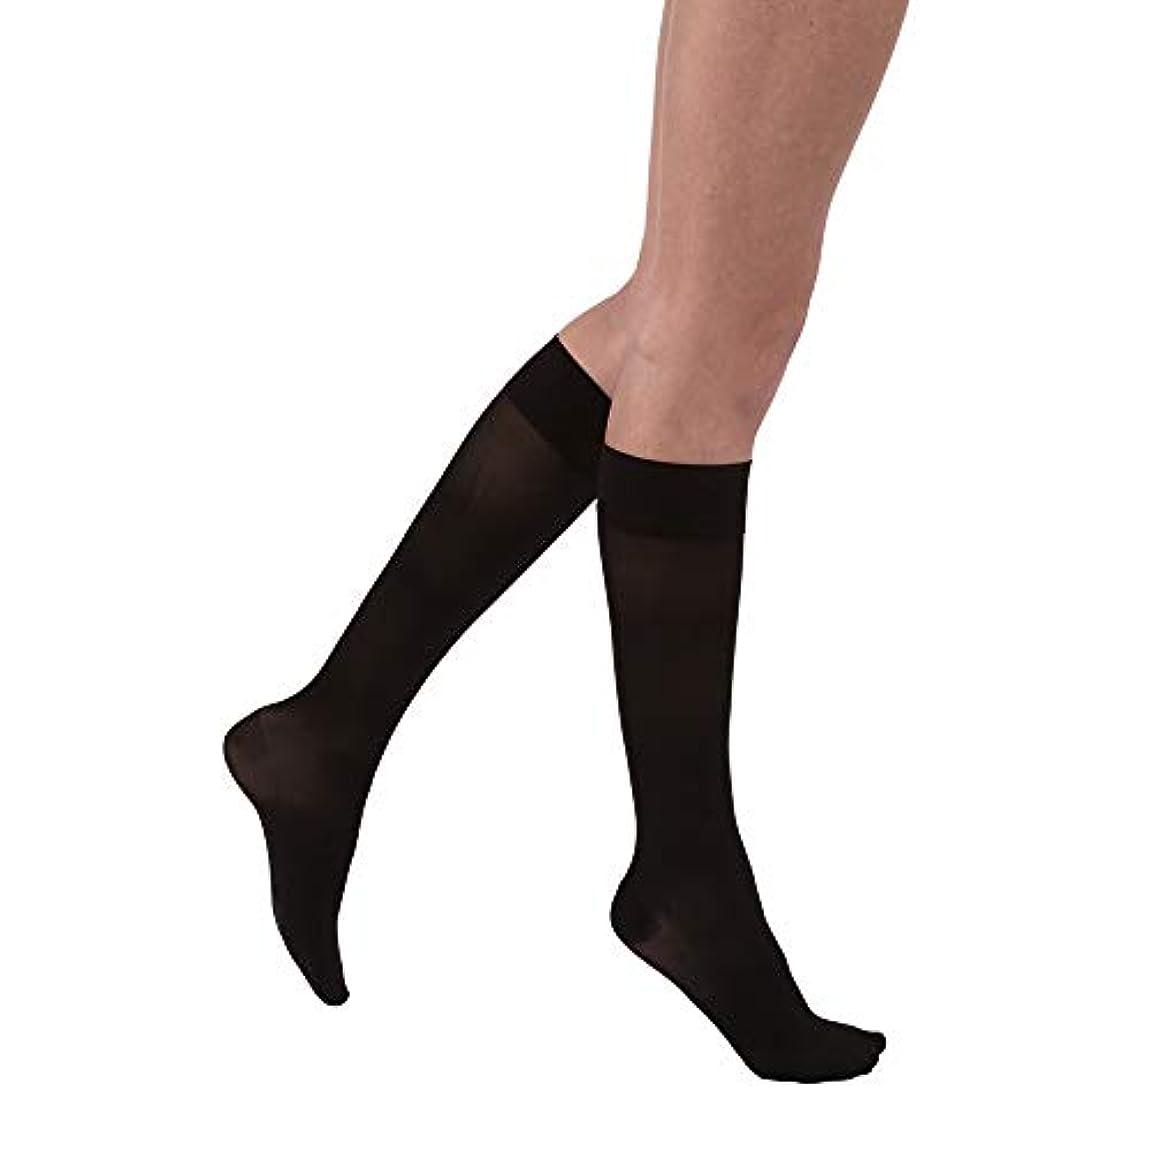 リール民兵状態Jobst 119004 Ultrasheer Closed Toe Knee Highs 15-20 mmHg - Size & Color- Classic Black X-Large FULL CALF